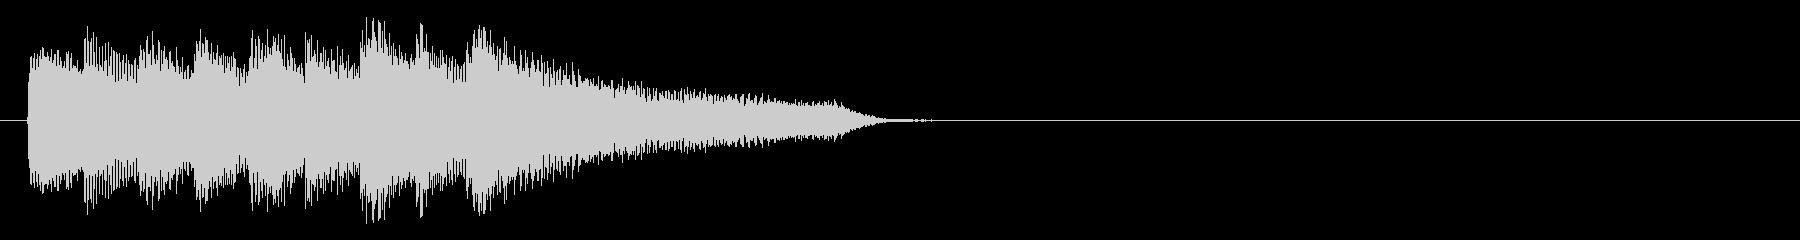 切ない気持ちになるピアノのアイキャッチの未再生の波形